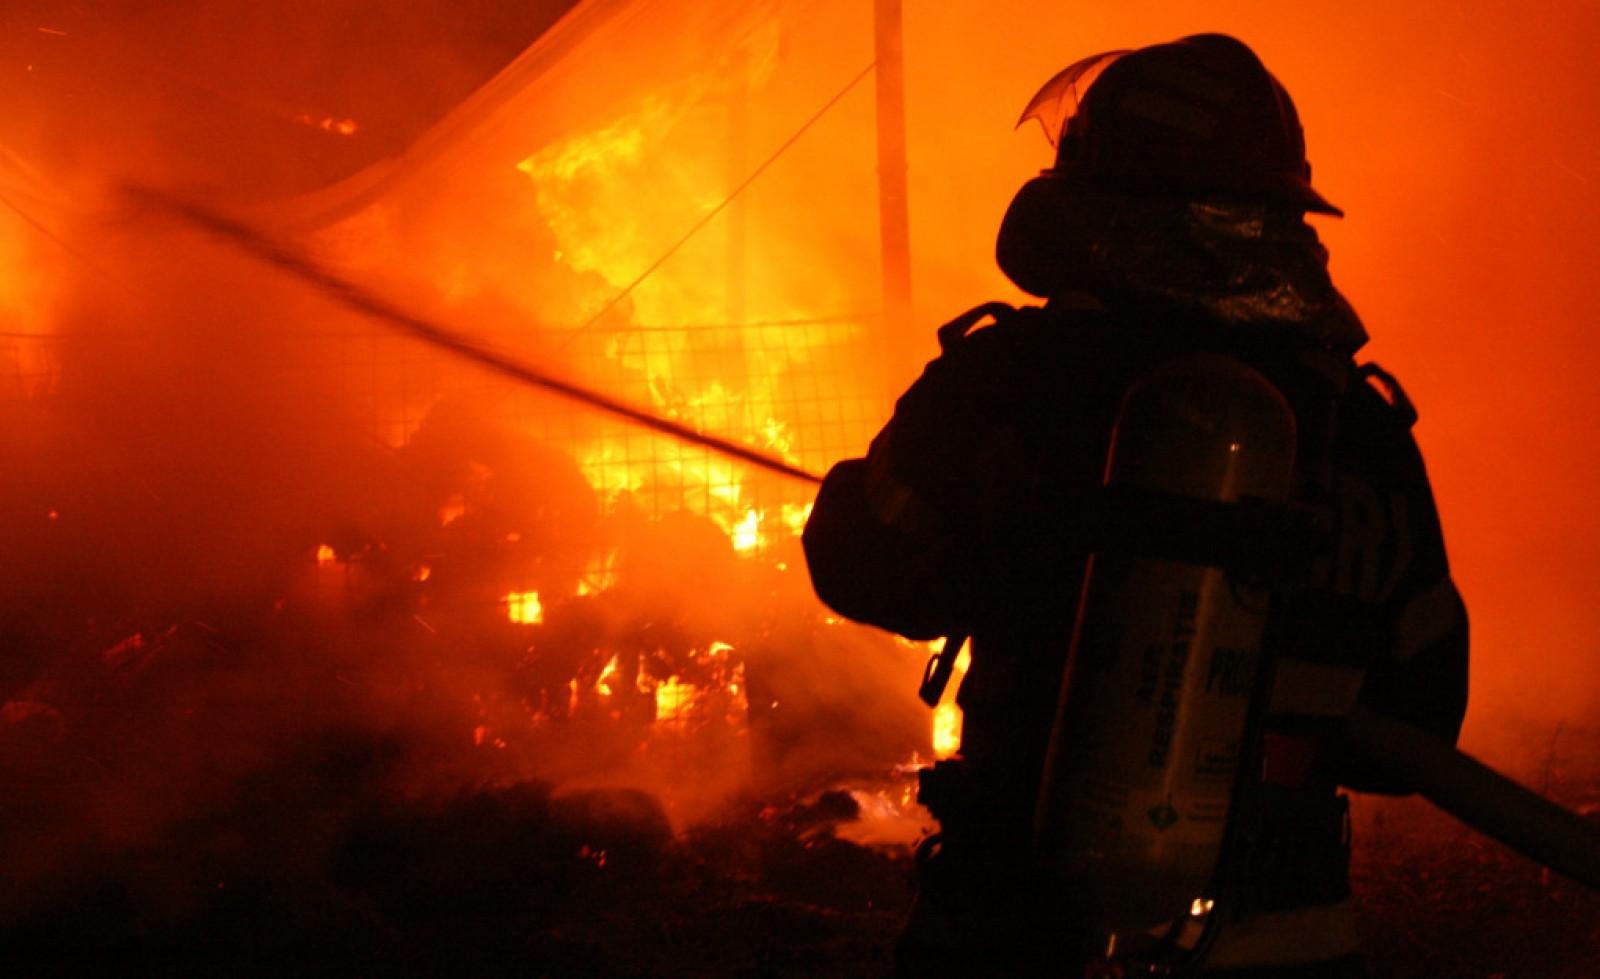 Tragic: Două persoane au decedat într-un incendiu la Ungheni